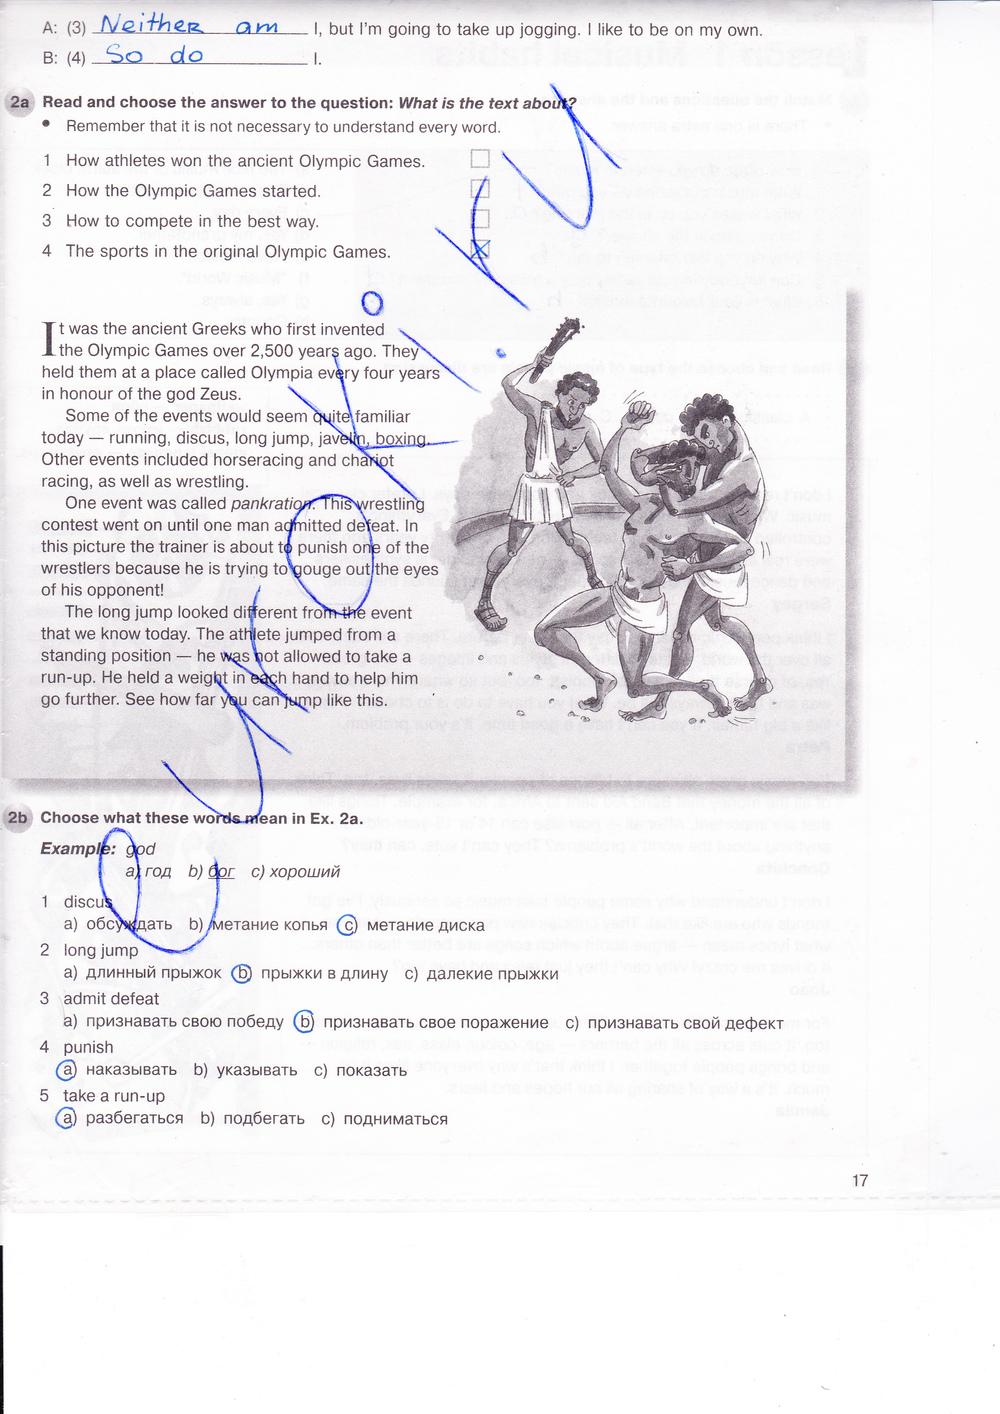 гдз о английскому 7 класс рабочая тетрадь деревянко жаворонкова